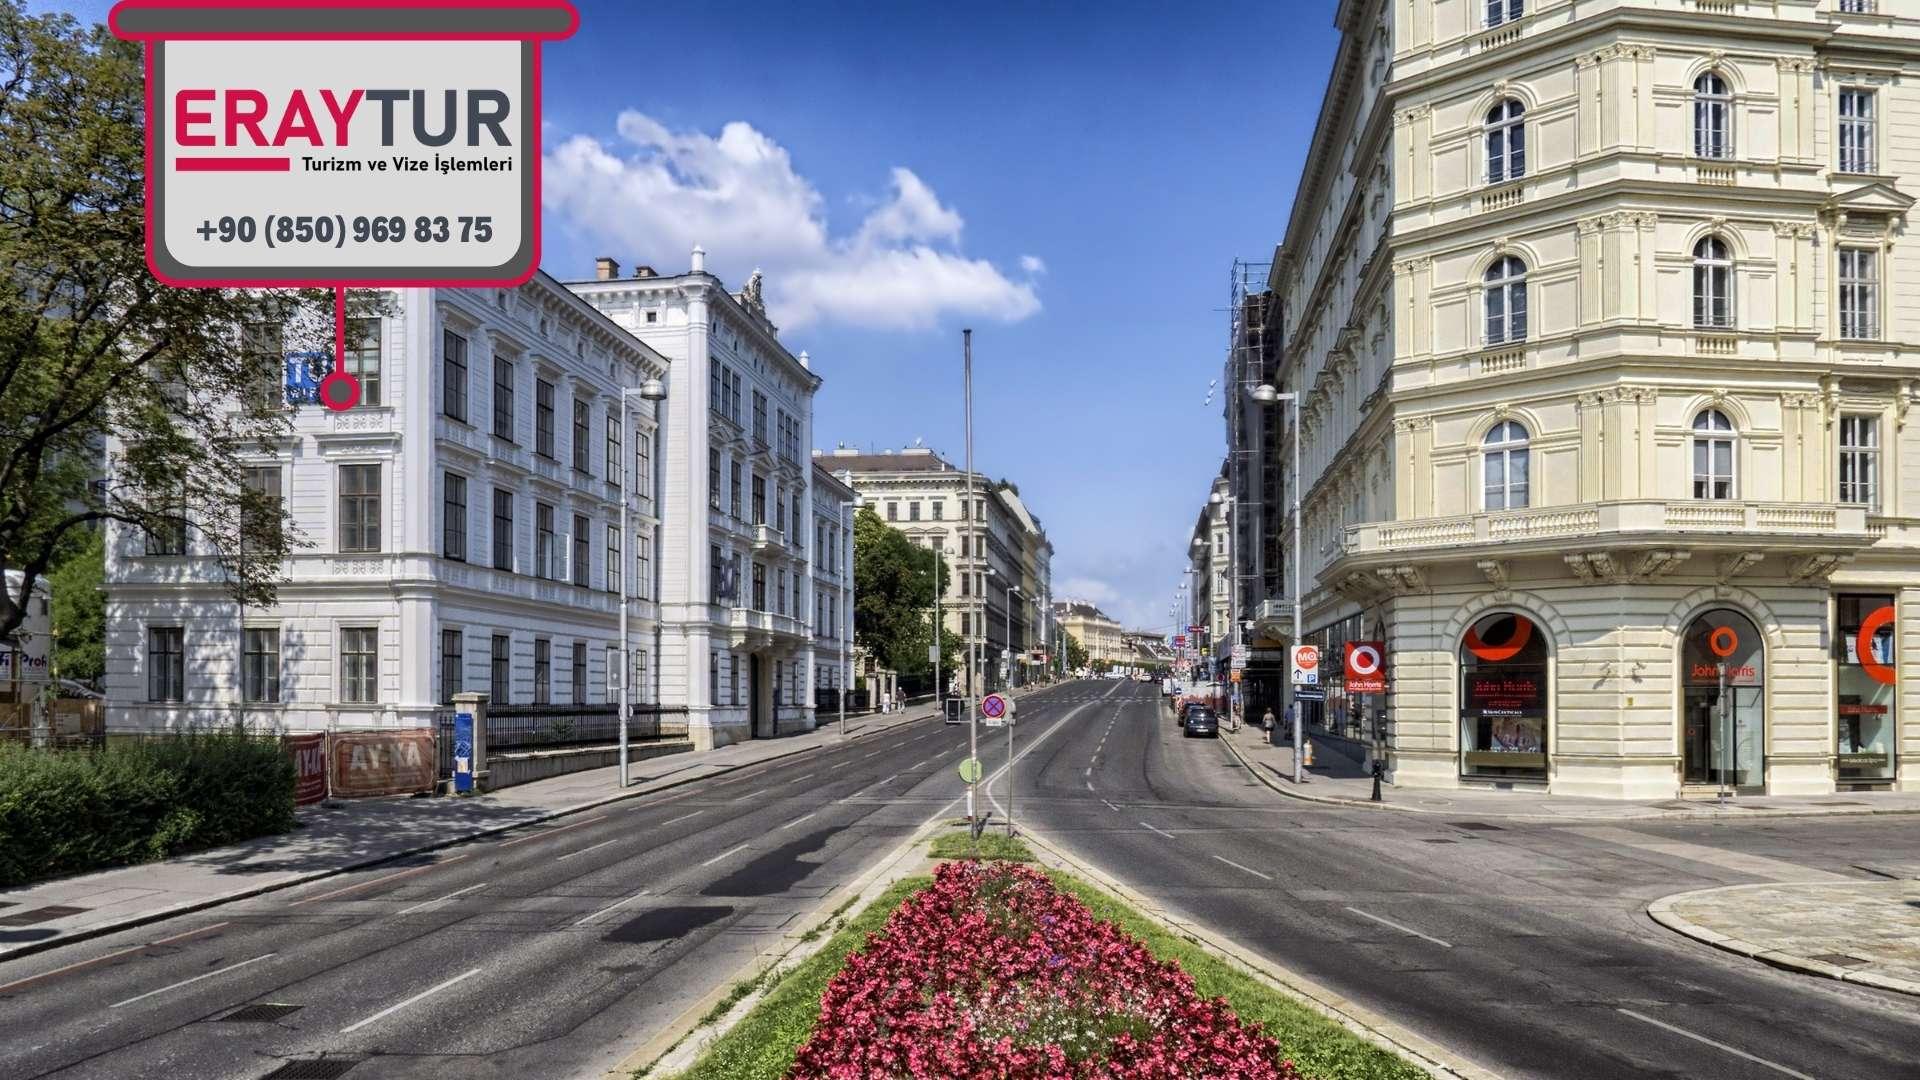 Avusturya Turistik Vize Dilekçe Örneği